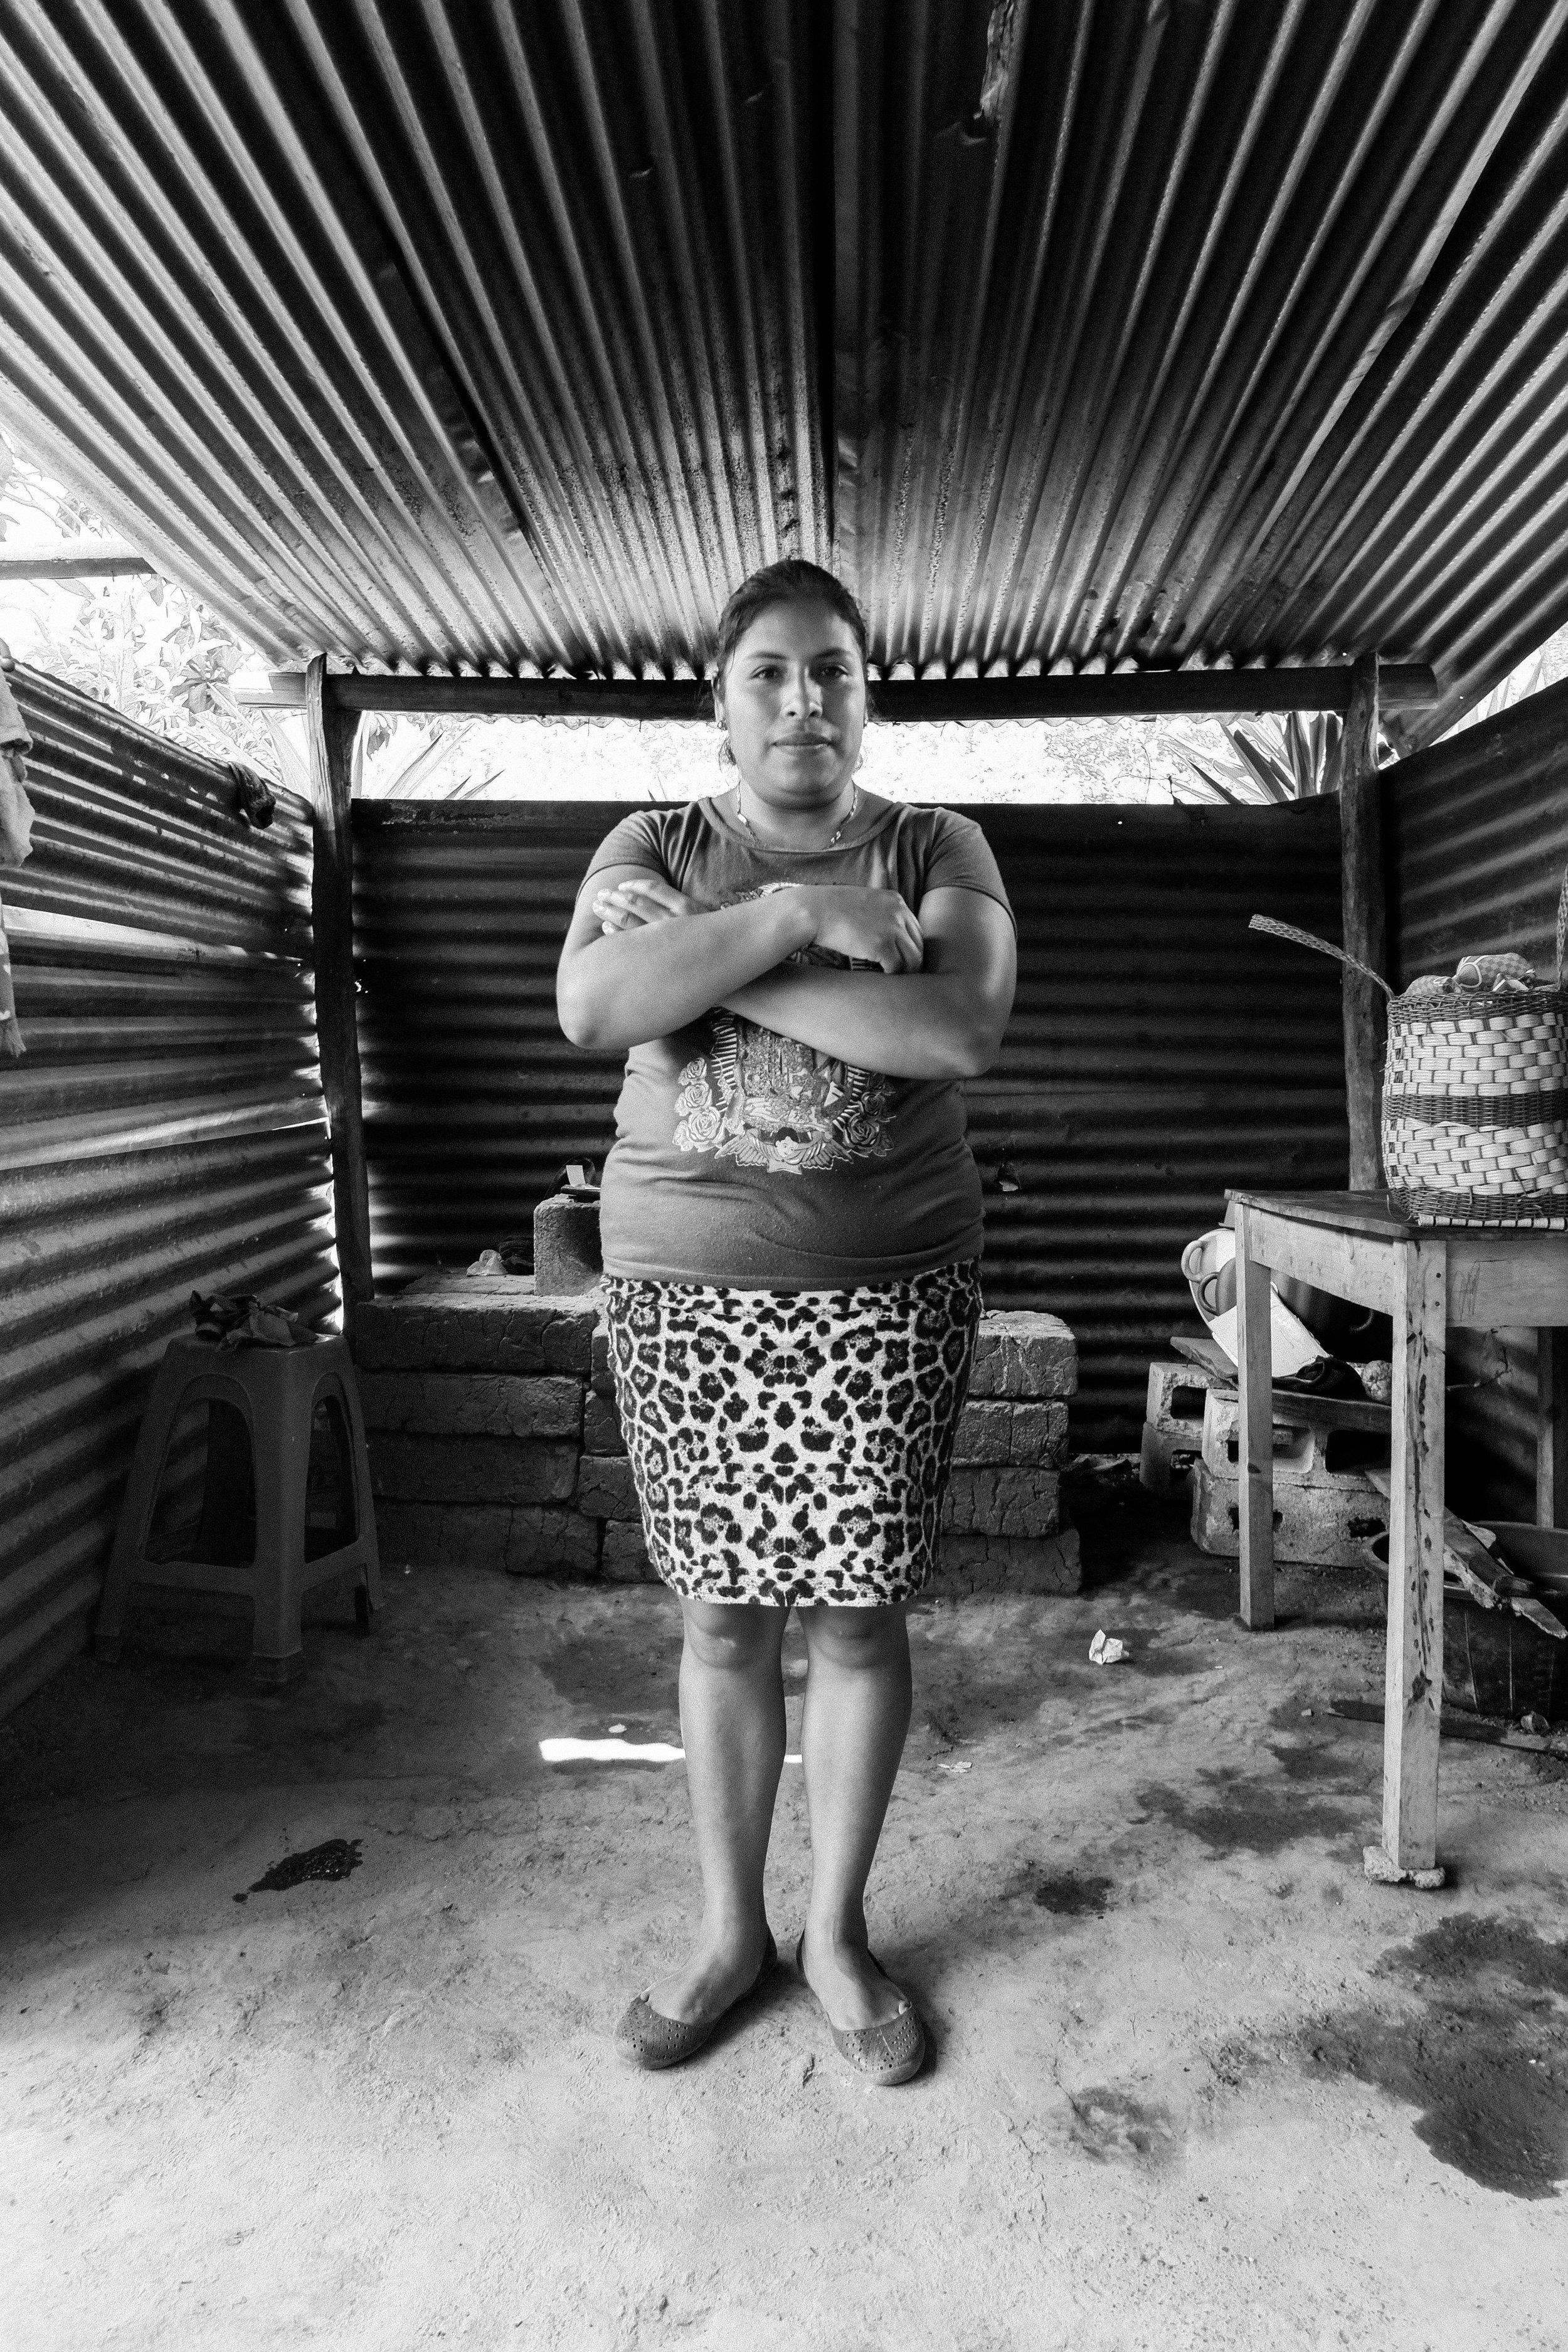 Las Joyas, Guatemala